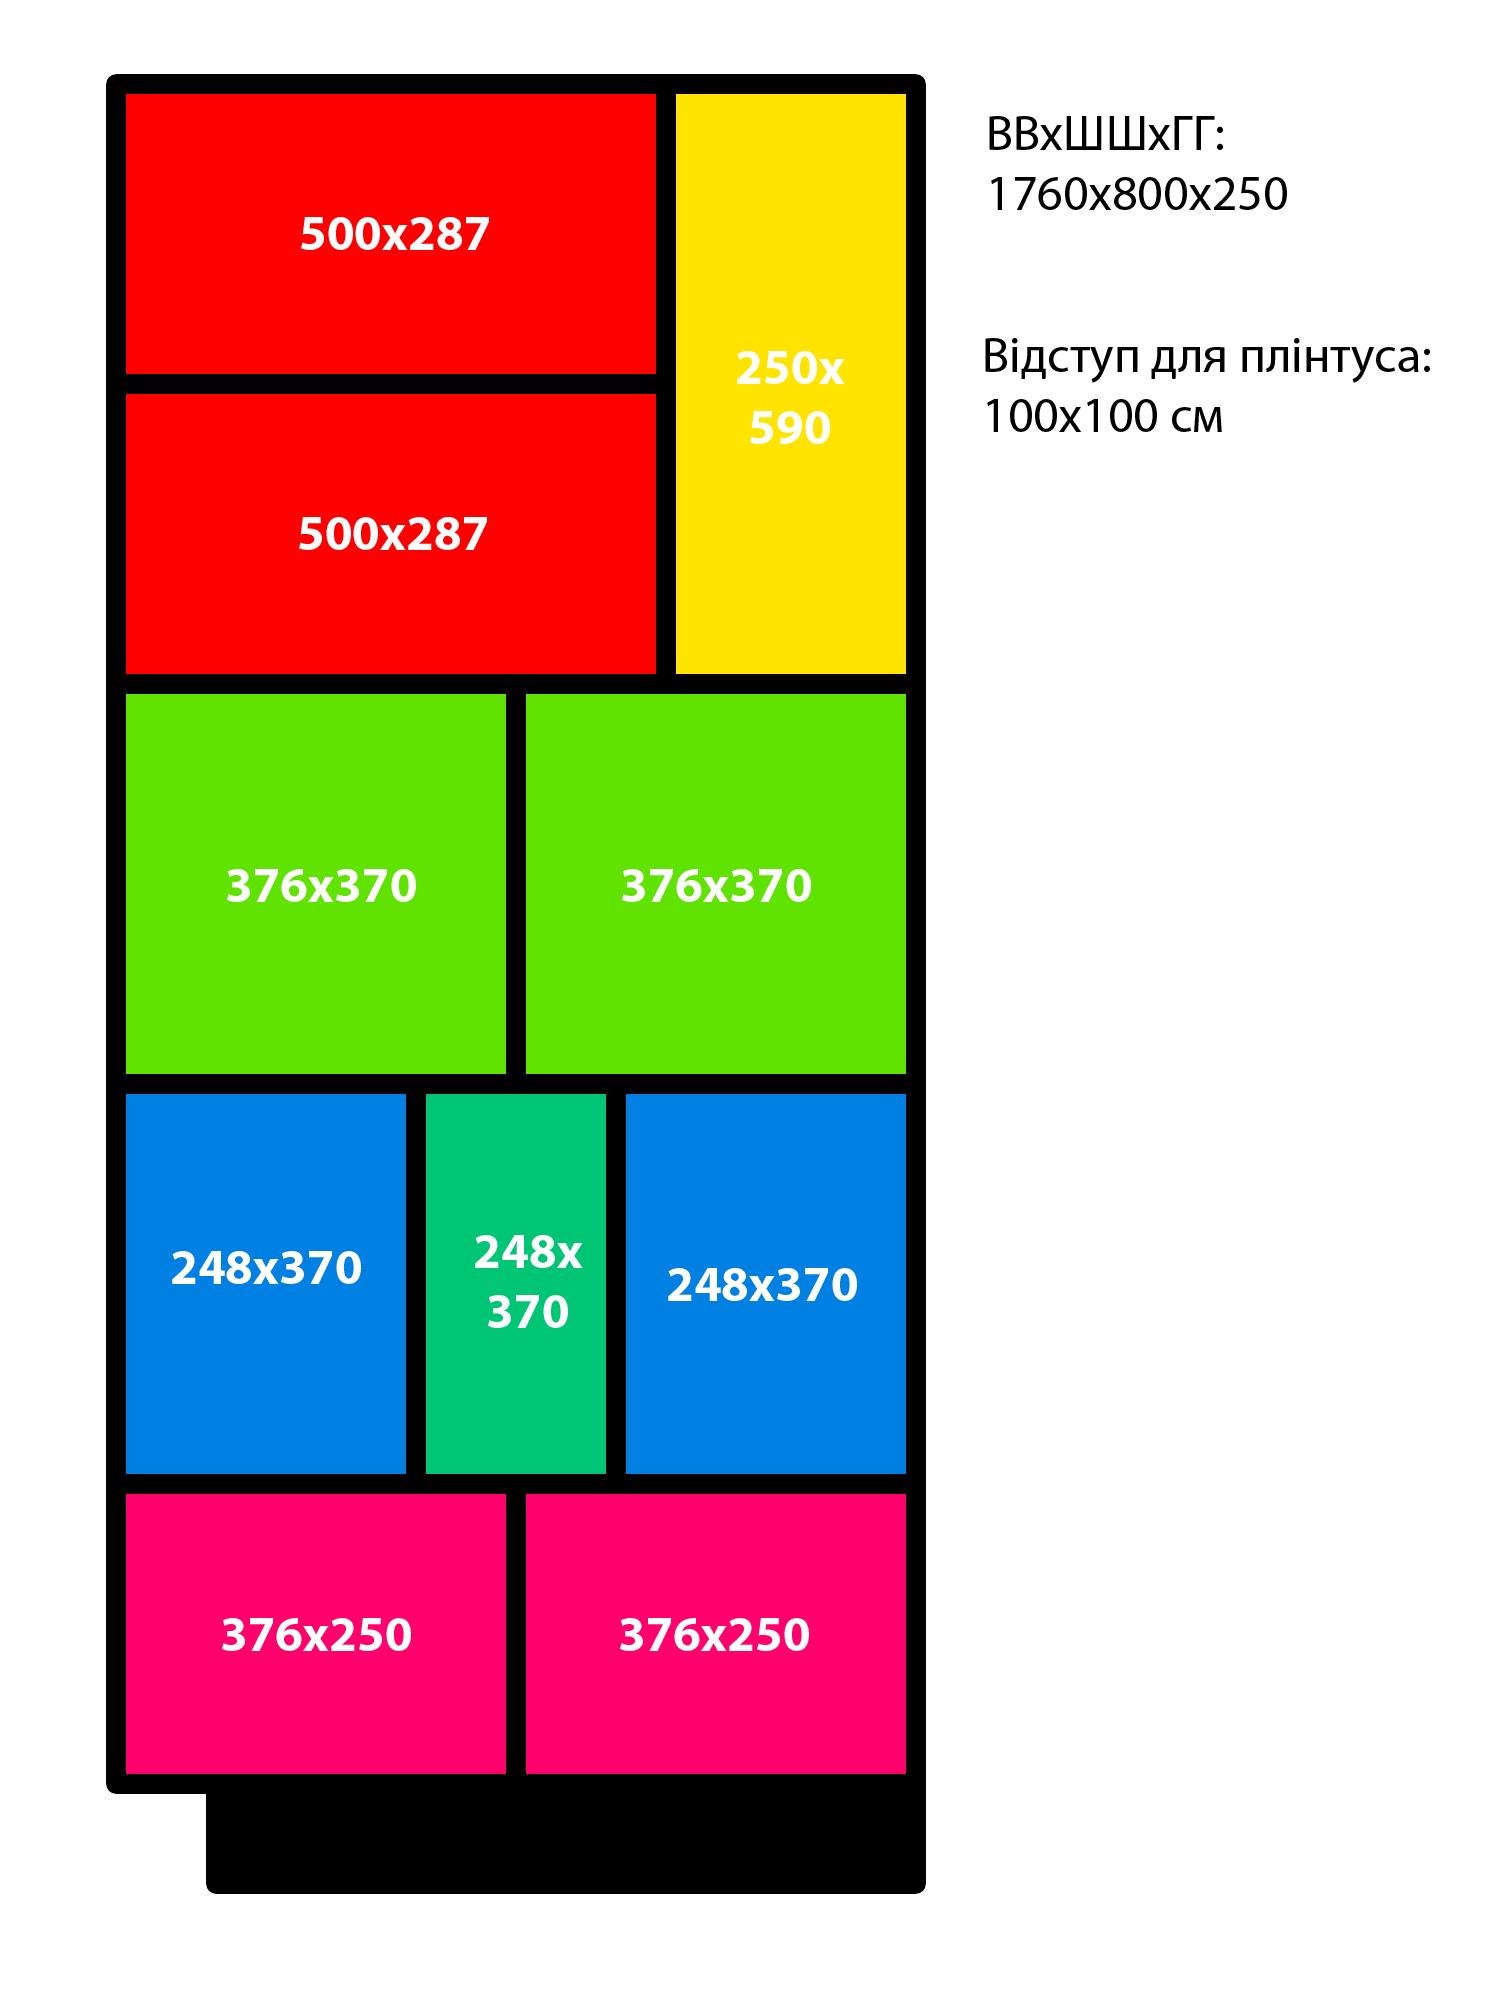 Схема стелажа із ДСП